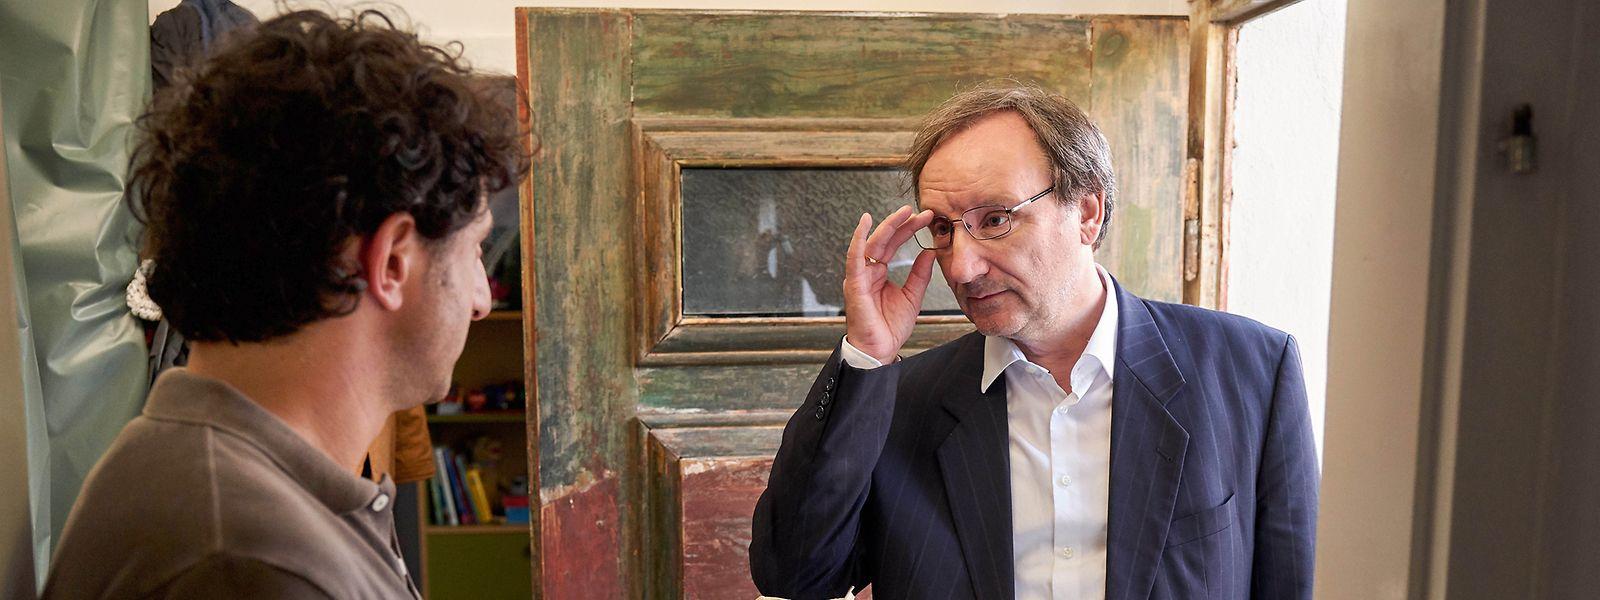 Vorschläge in Umschlägen. Vieles in Köln wird unter der Hand geregelt. Vor allem von Josef Asch (Rainer Bock, r.), hier mit seinem Baudezernenten Andrea di Carlo (Serkan Kaya, l.).